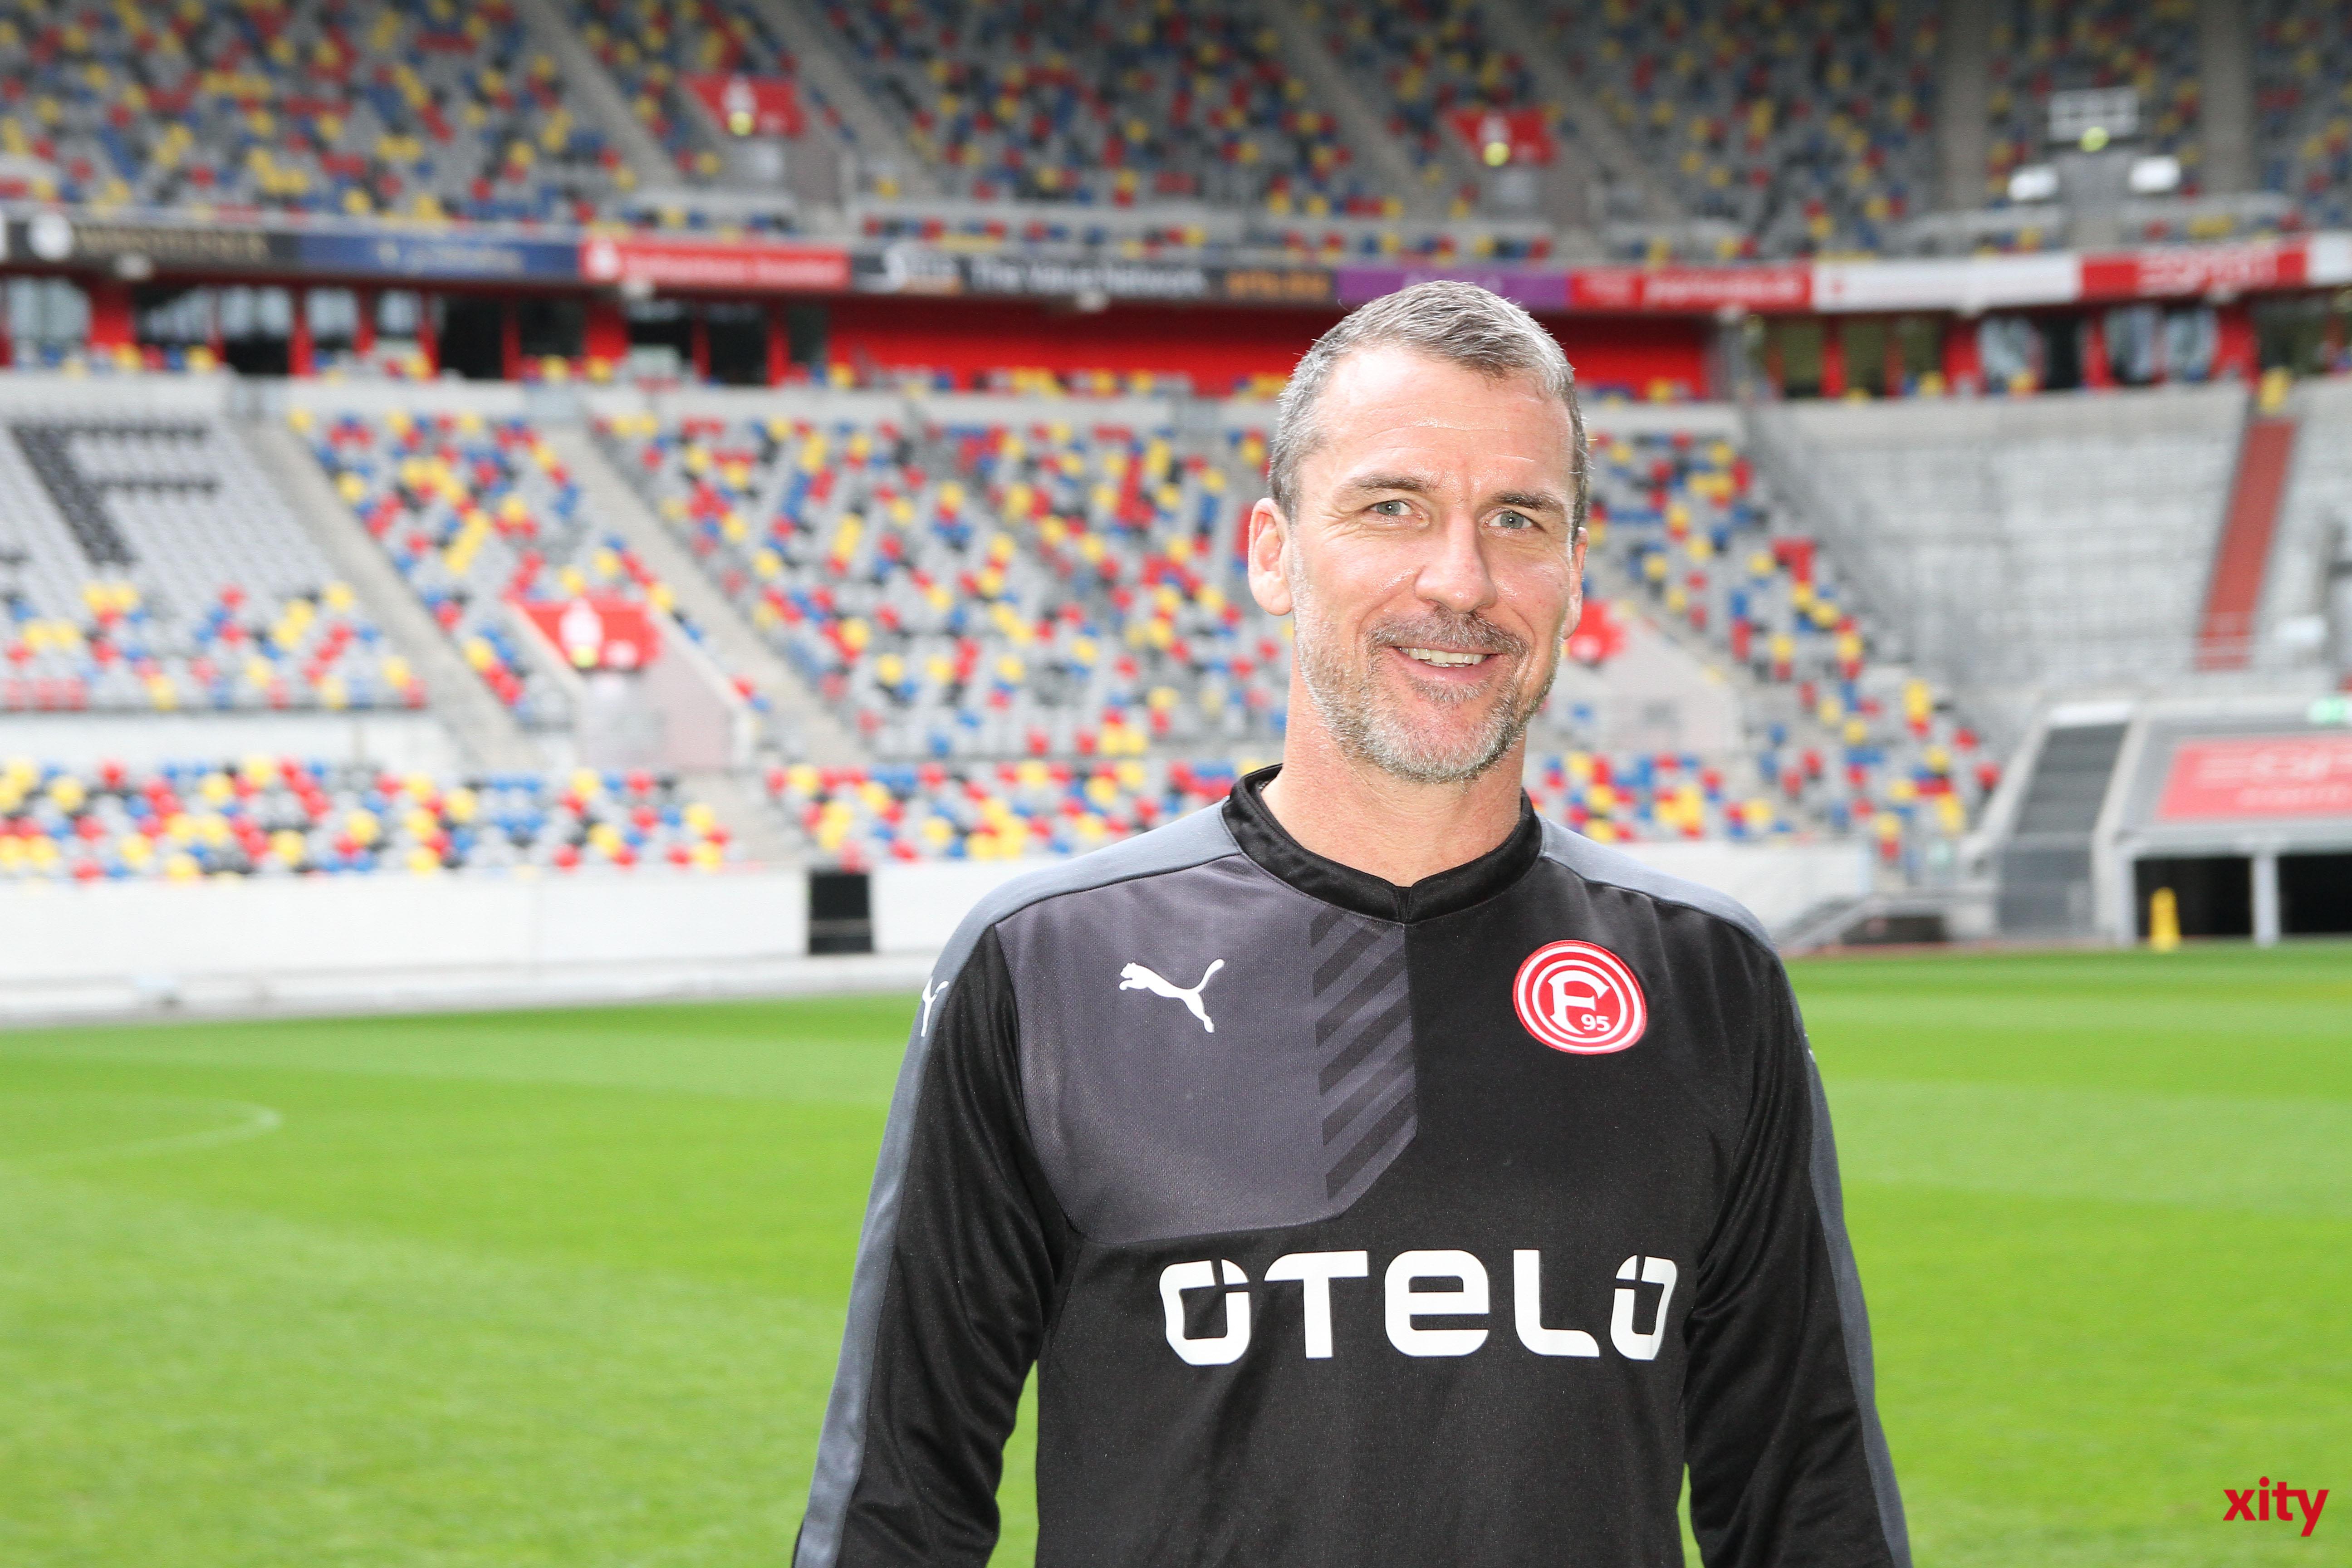 Marco Kurz ist der neue Chef-Trainer der Fortuna Düsseldorf (Foto: xity)